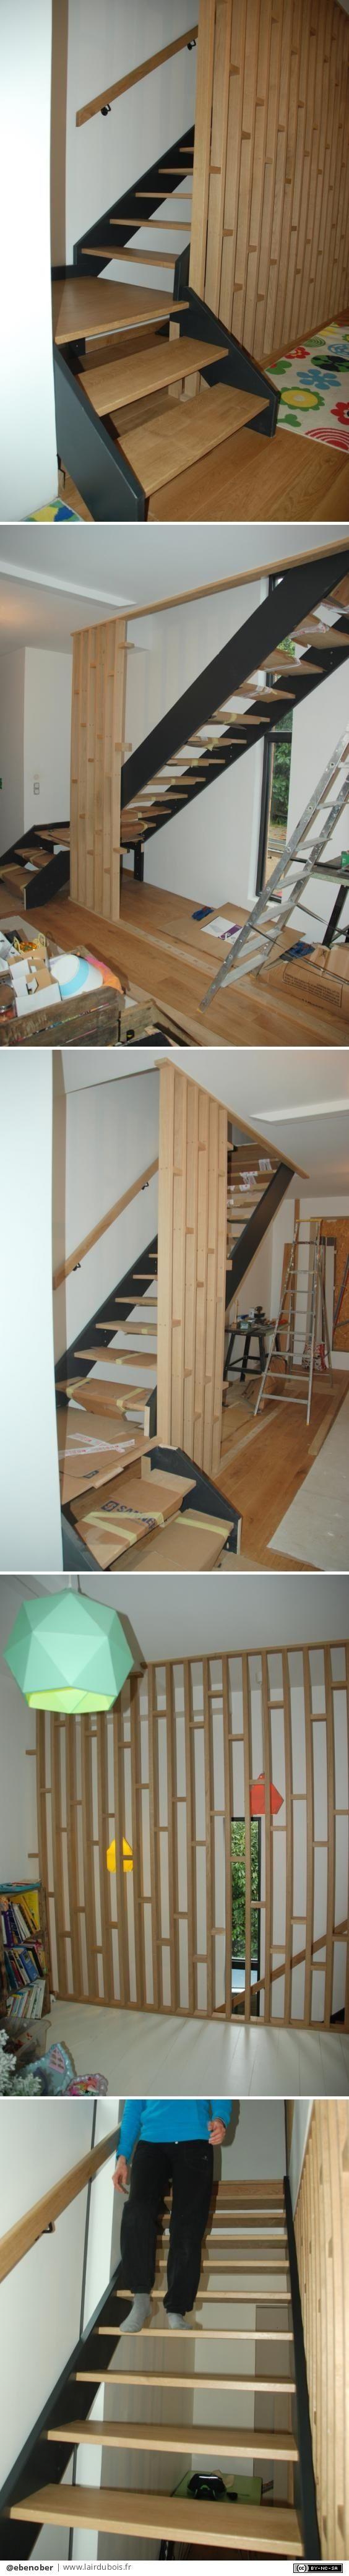 Un escalier quart-tournant avec palier à une volée et deux claustras - rdc et étage    fait il y a quelques années pour des amis.  Les limons sont en sapin du Jura et les marches en chêne, ainsi que la rampe.  Les claustras également en chêne.  toutes les têtes de vis sont cachées par bouchons.    Nos grands virtuoses de l'escalier trouveront ça bien facile...mais pour moi c'était le premier !  J'étais pas tranquille avant que ce soit fini !  Par précaution le limon gauche est fixé au mur…